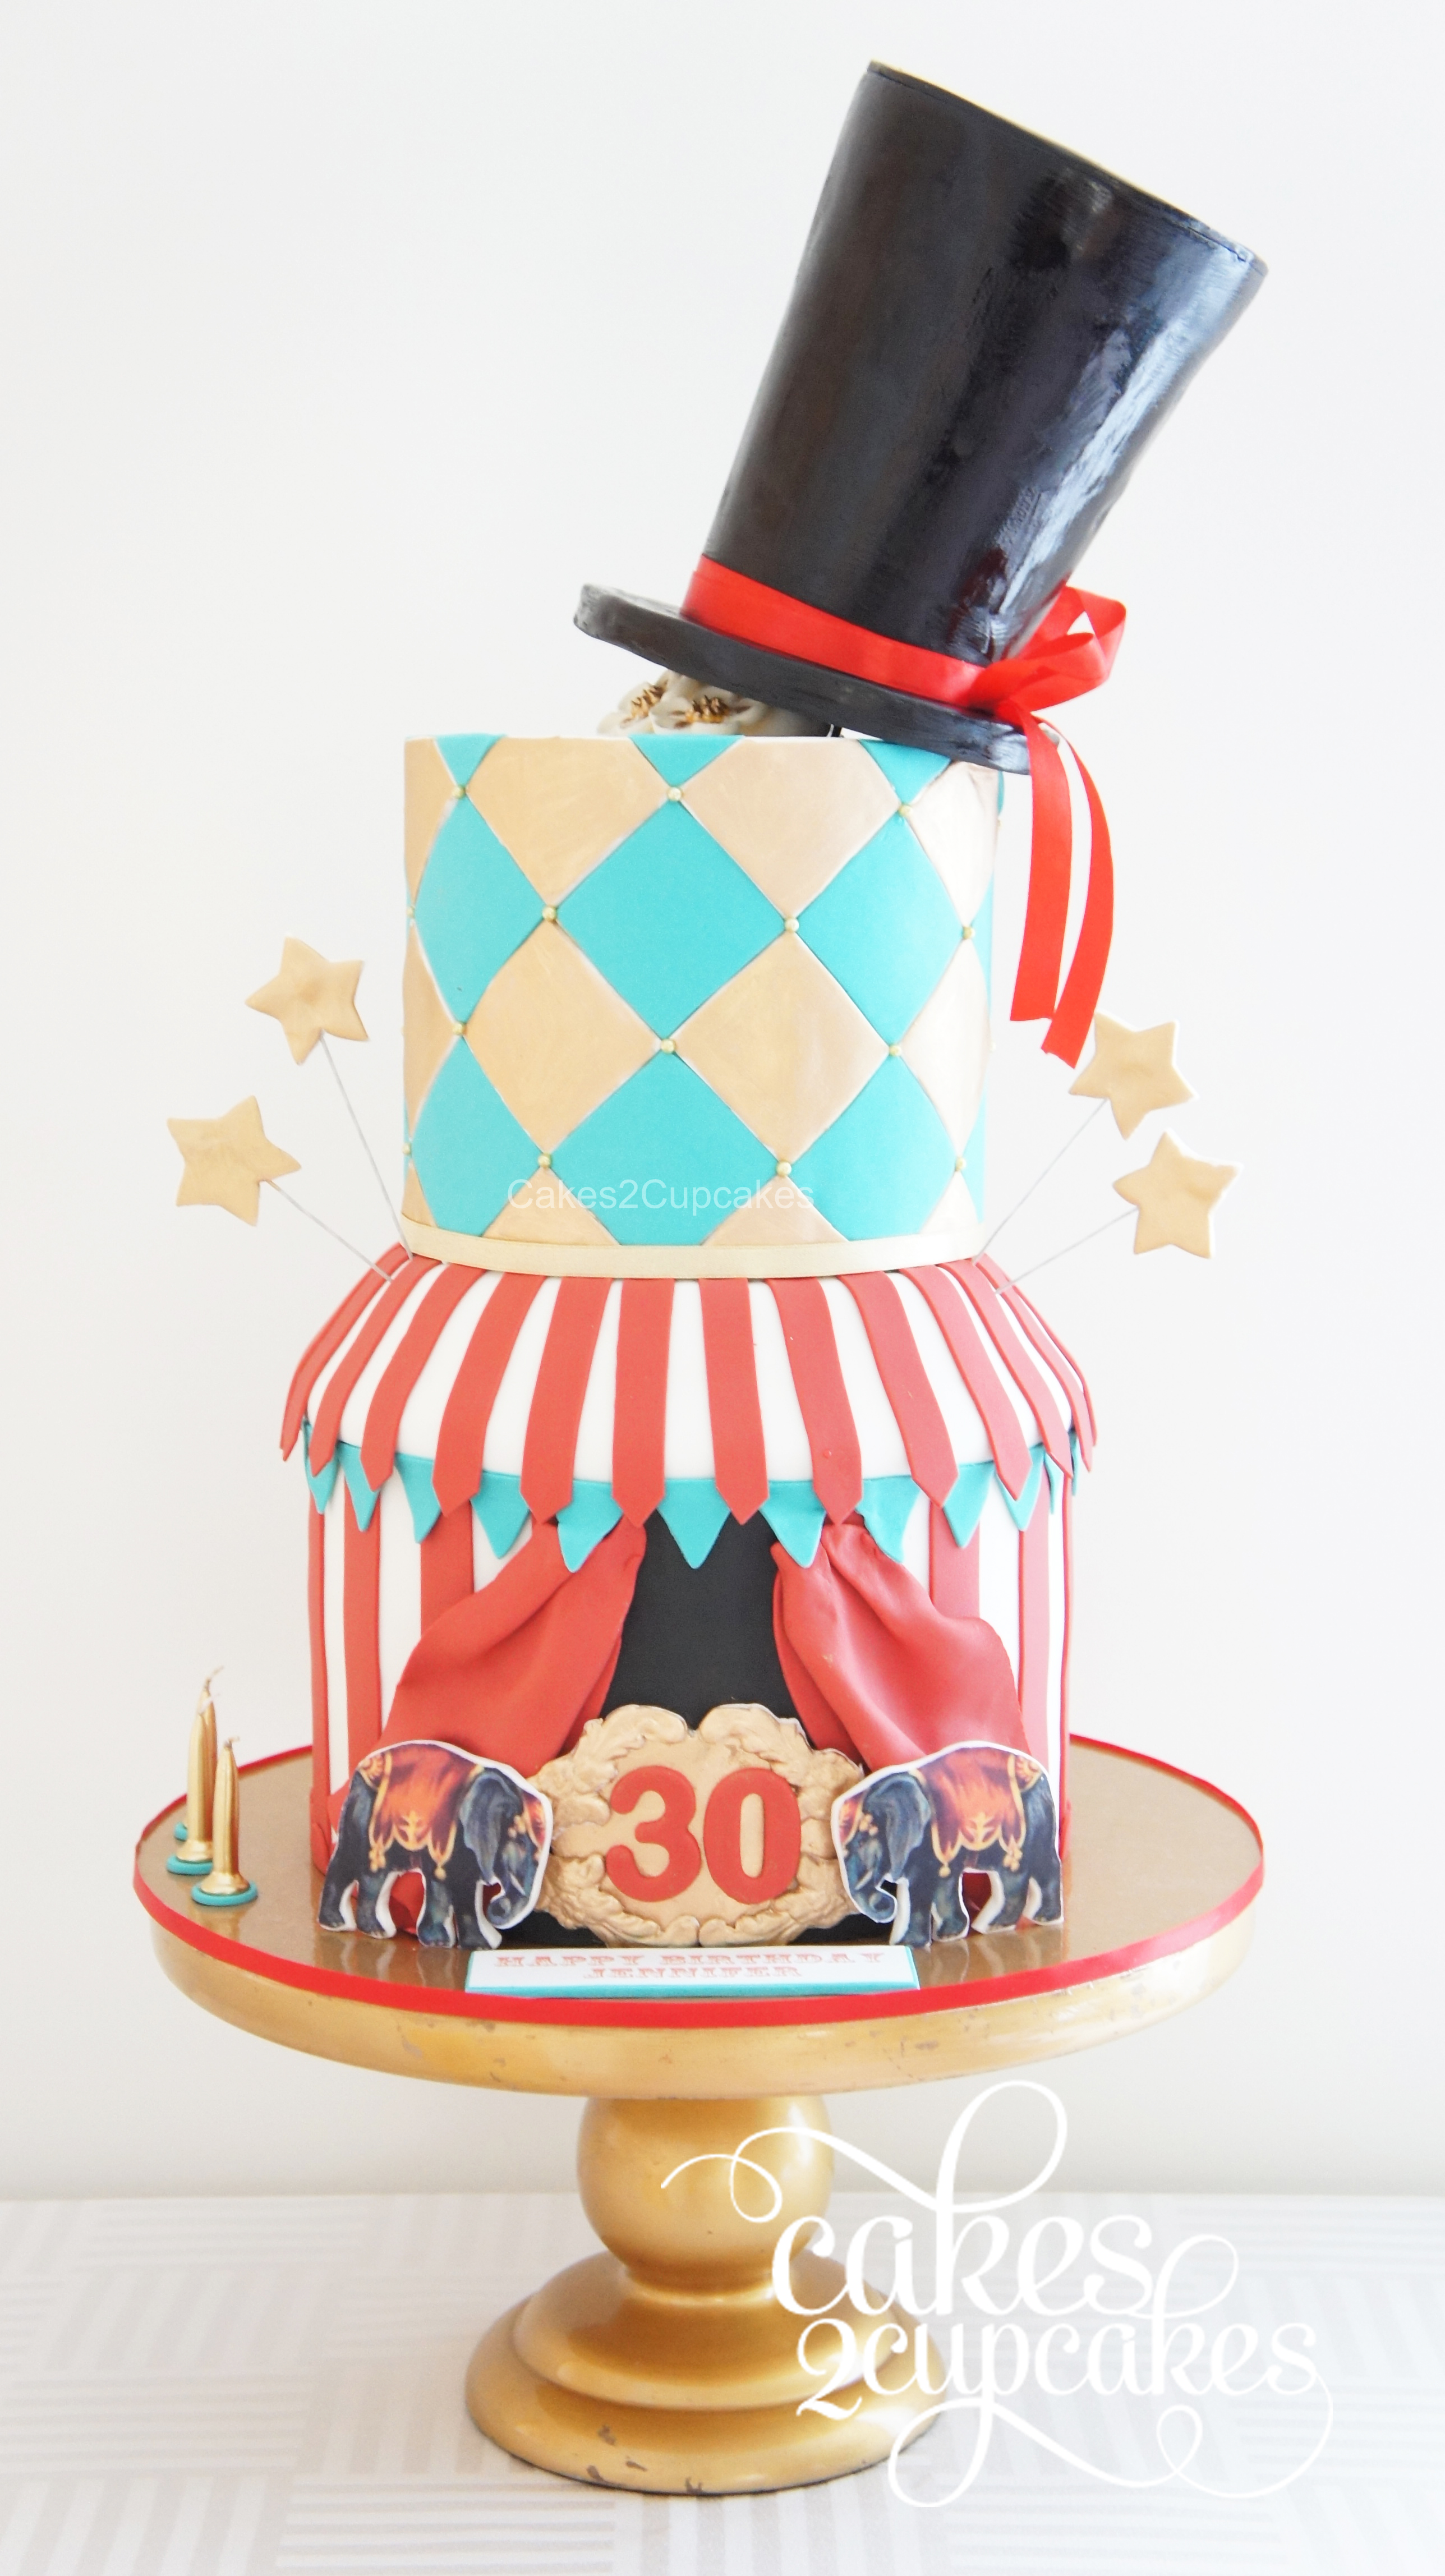 Cakes2cupcakes-circus.jpg